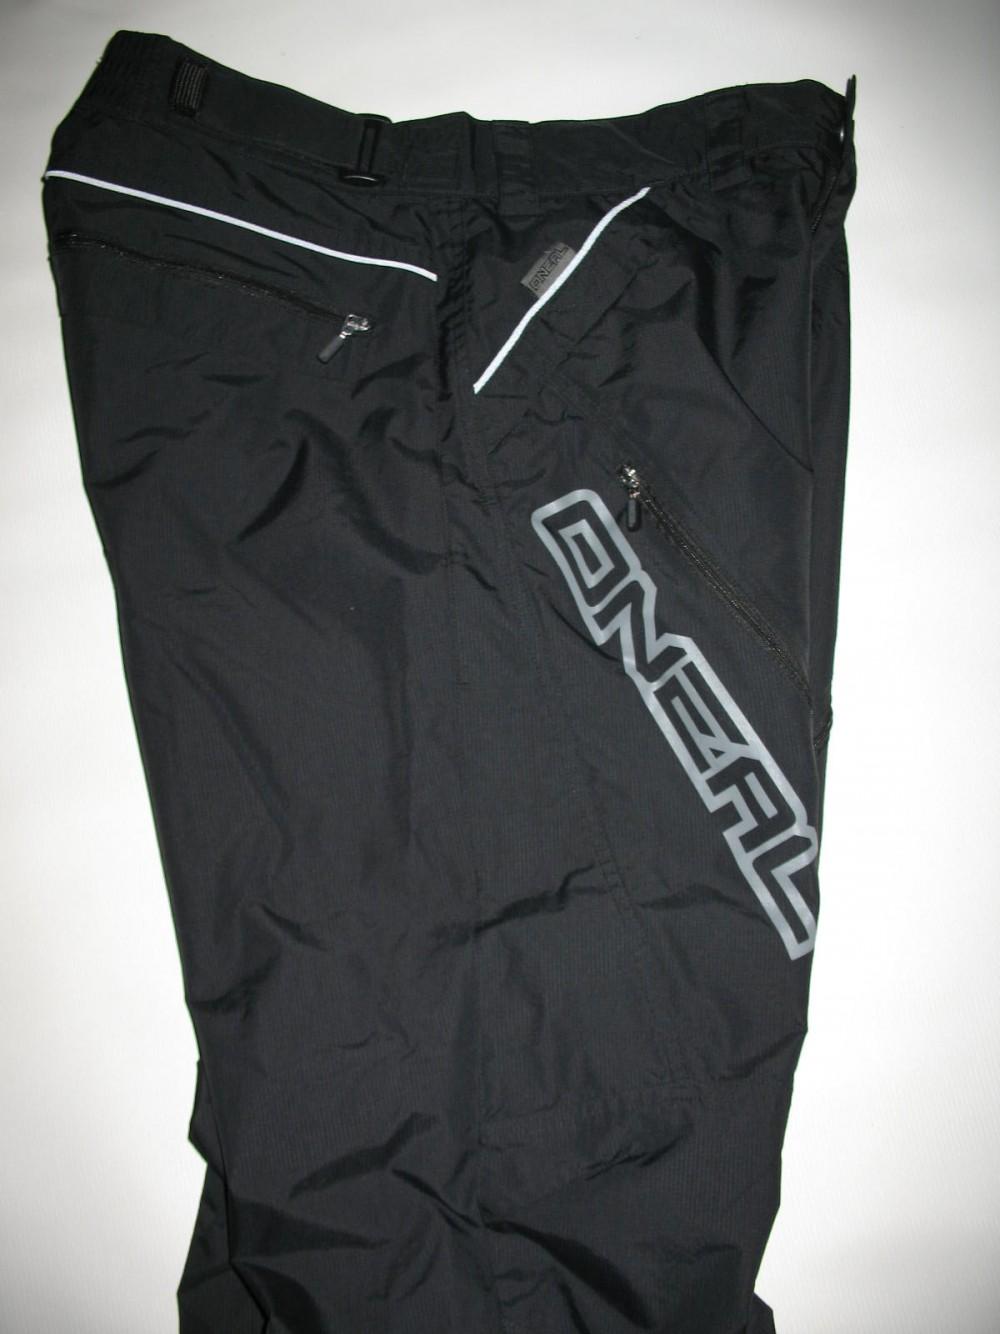 Штаны ONEAL predator III bike pants (размер 48/M) - 8